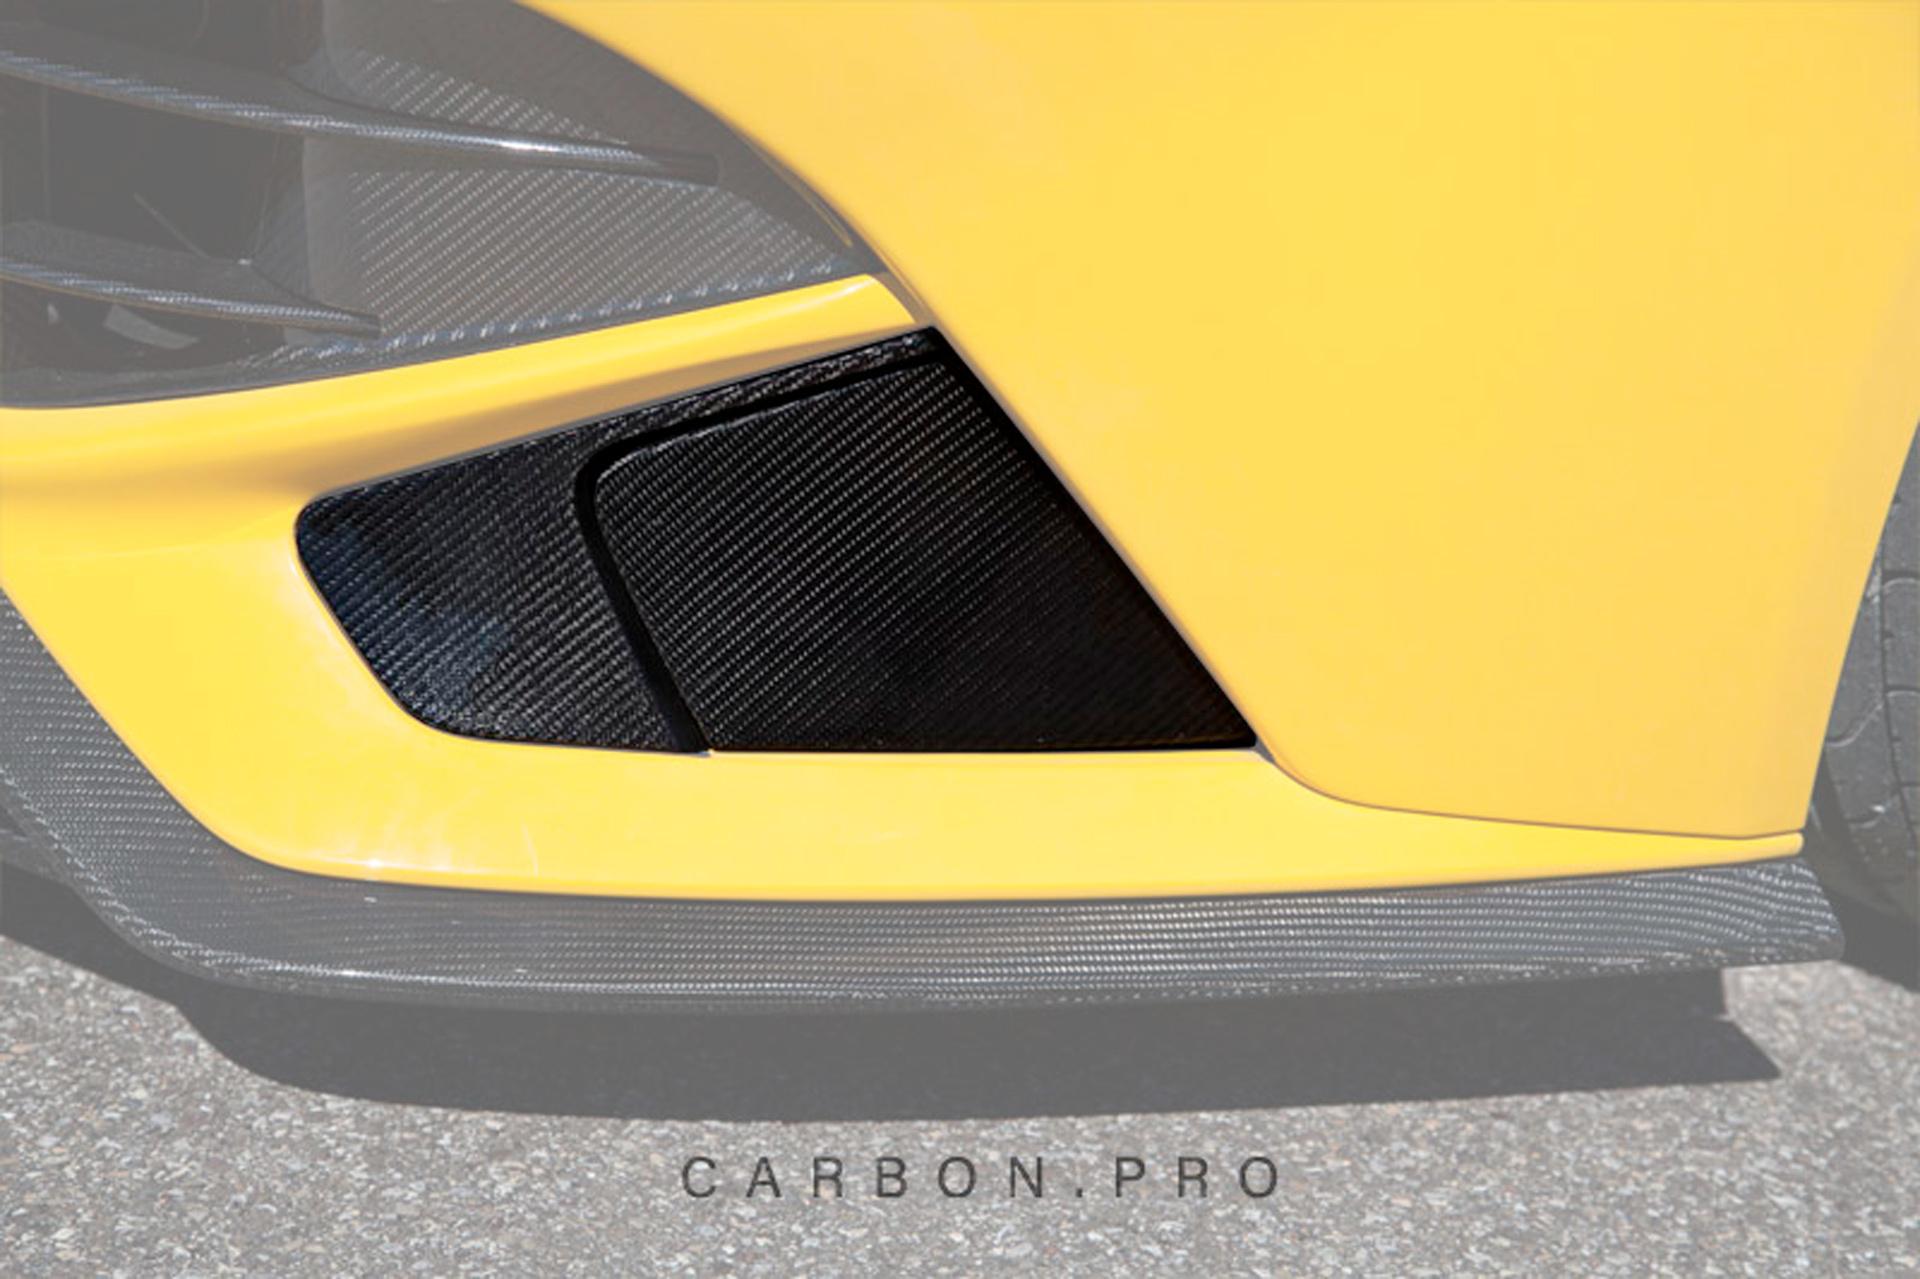 Карбоновые накладки на воздухозаборники переднего бампера Novitec Style для Ferrari F12 Вerlinetta